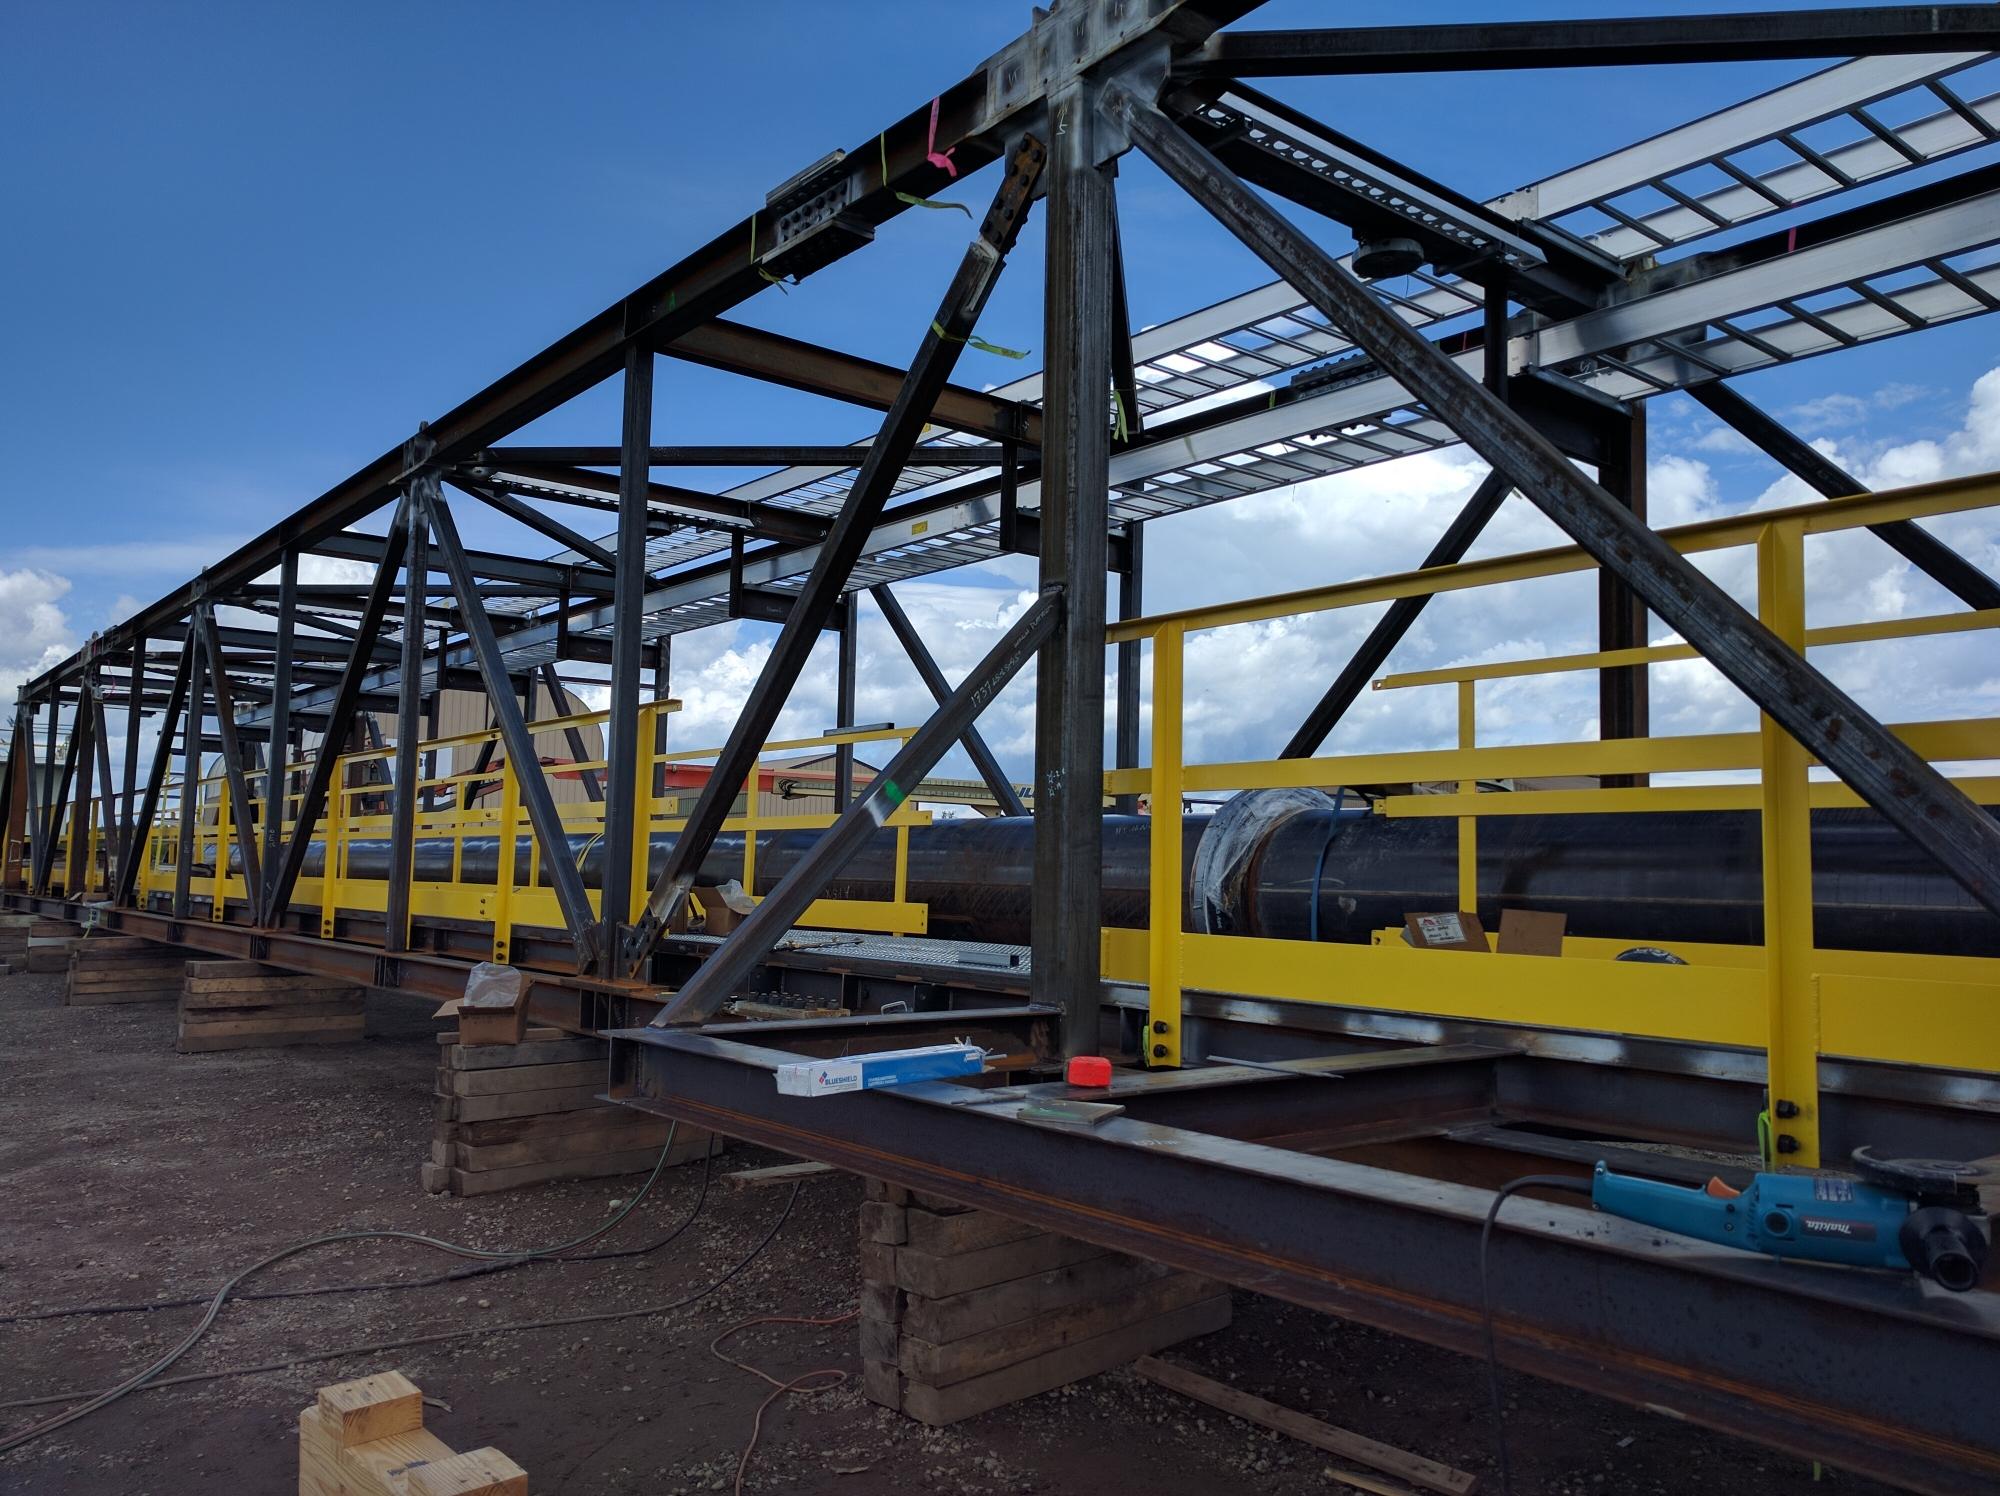 Oilsands_Construction_Pipe_Bridge_Module4 (2000x1496)